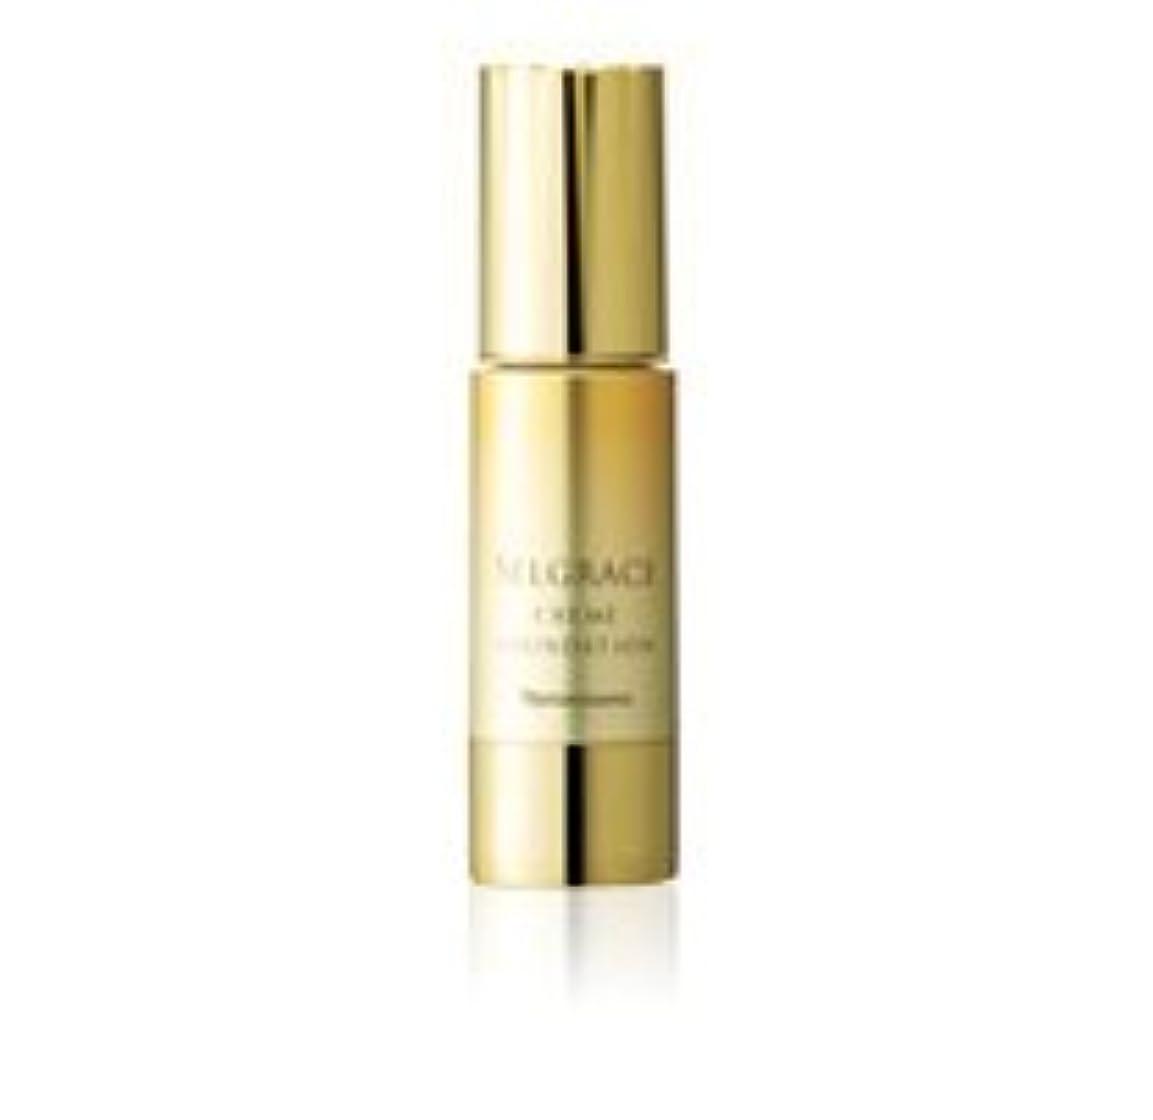 ロータリームスほこりっぽいナリス化粧品セルグレース リアリジョン クリームファンデーション30g[SPF20 PA++]130